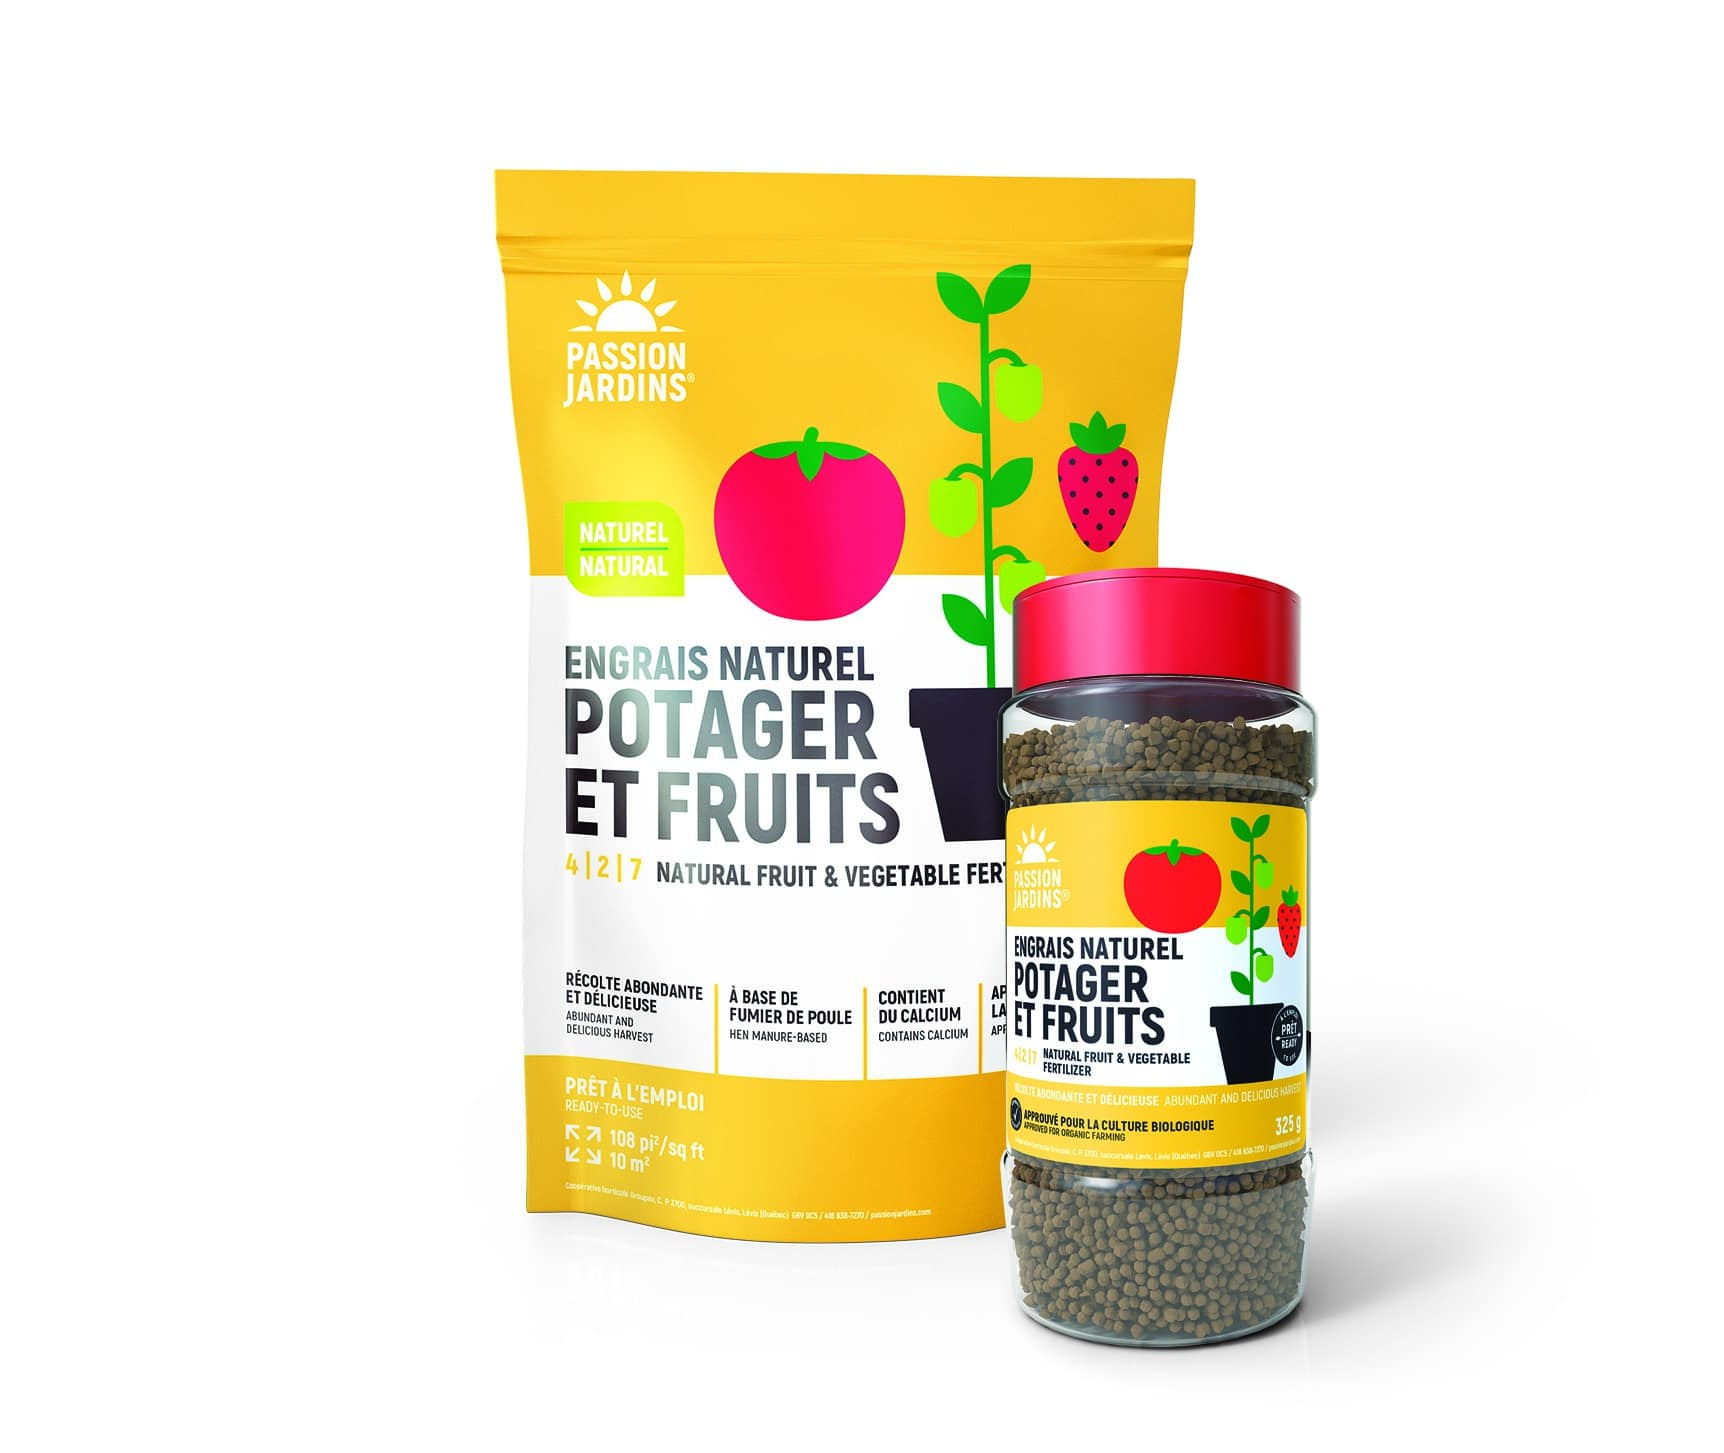 engrais naturel pour potager et fruits